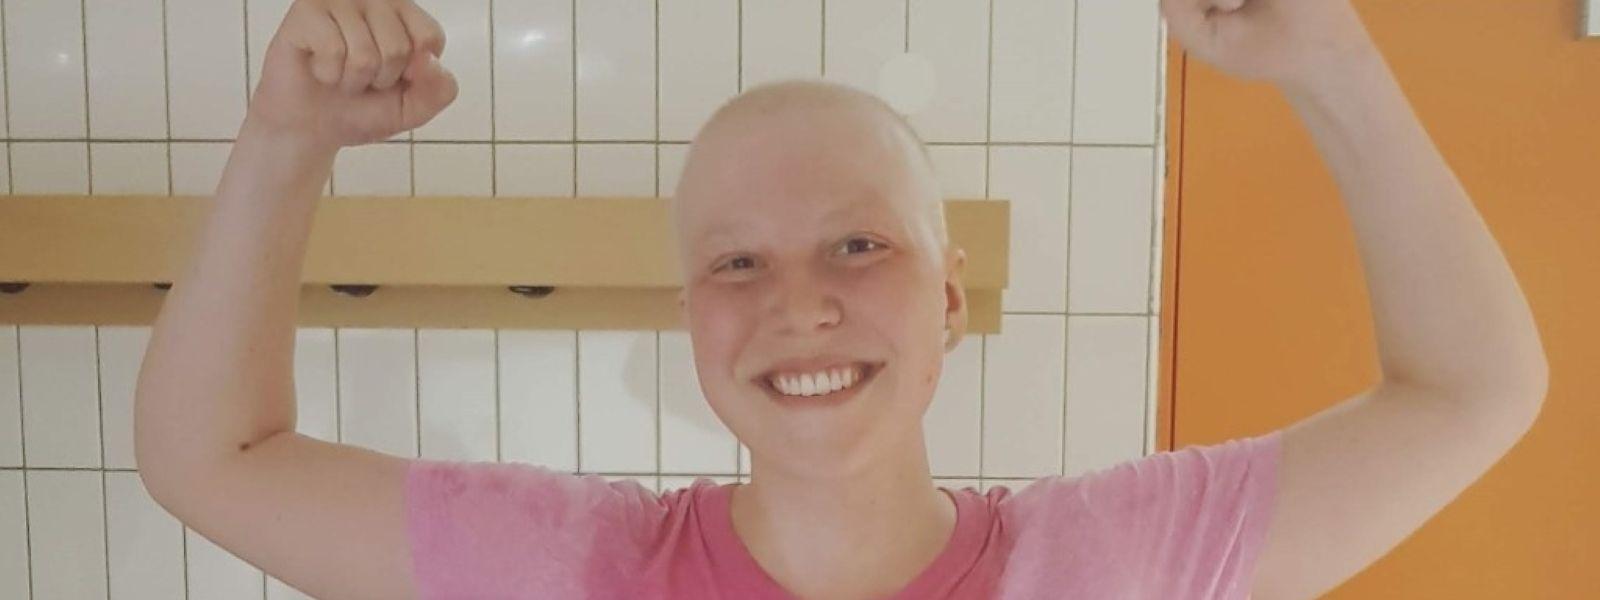 2017 wird bei Élina Ecker akute Leukämie diagnostiziert. Rund zwei Jahre nach der Stammzellentransplantation geben die ärztlichen Kontrollen Anlass zur Hoffnung.